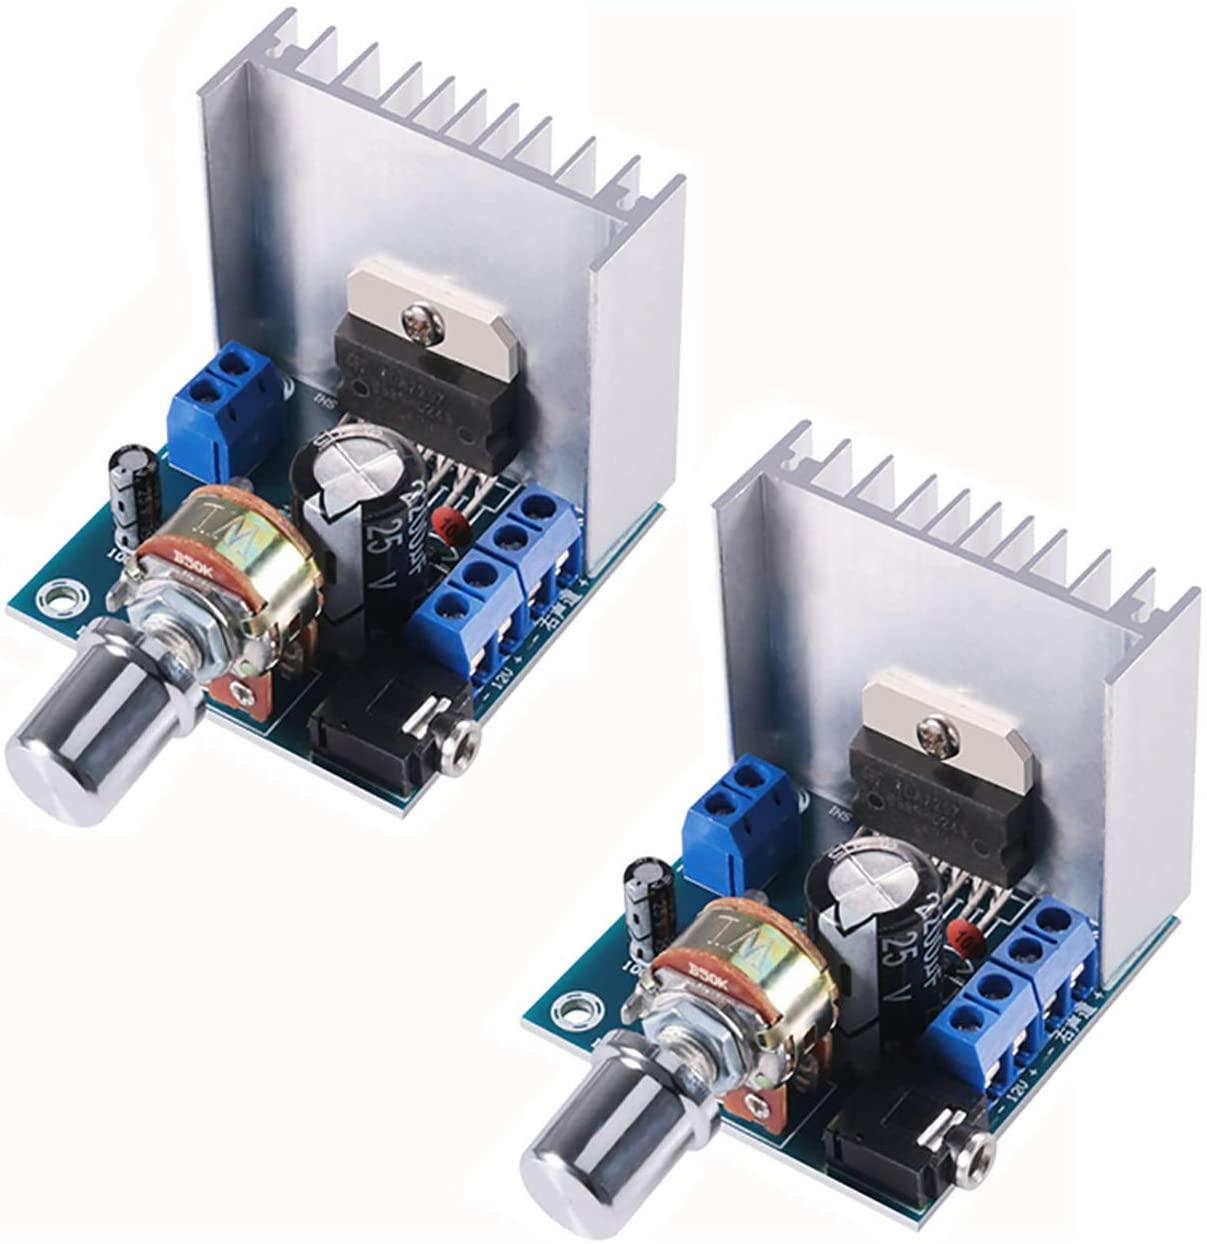 TDA7297 15W+15W 디지털 앰프 모듈 30W 오디오 전력 12V DC 소형 스테레오 앰프를 증폭 듀얼 채널 파워 스테레오 호환 DIY 음 증폭 시스템 구성 요소 자동차 컴퓨터 스피커